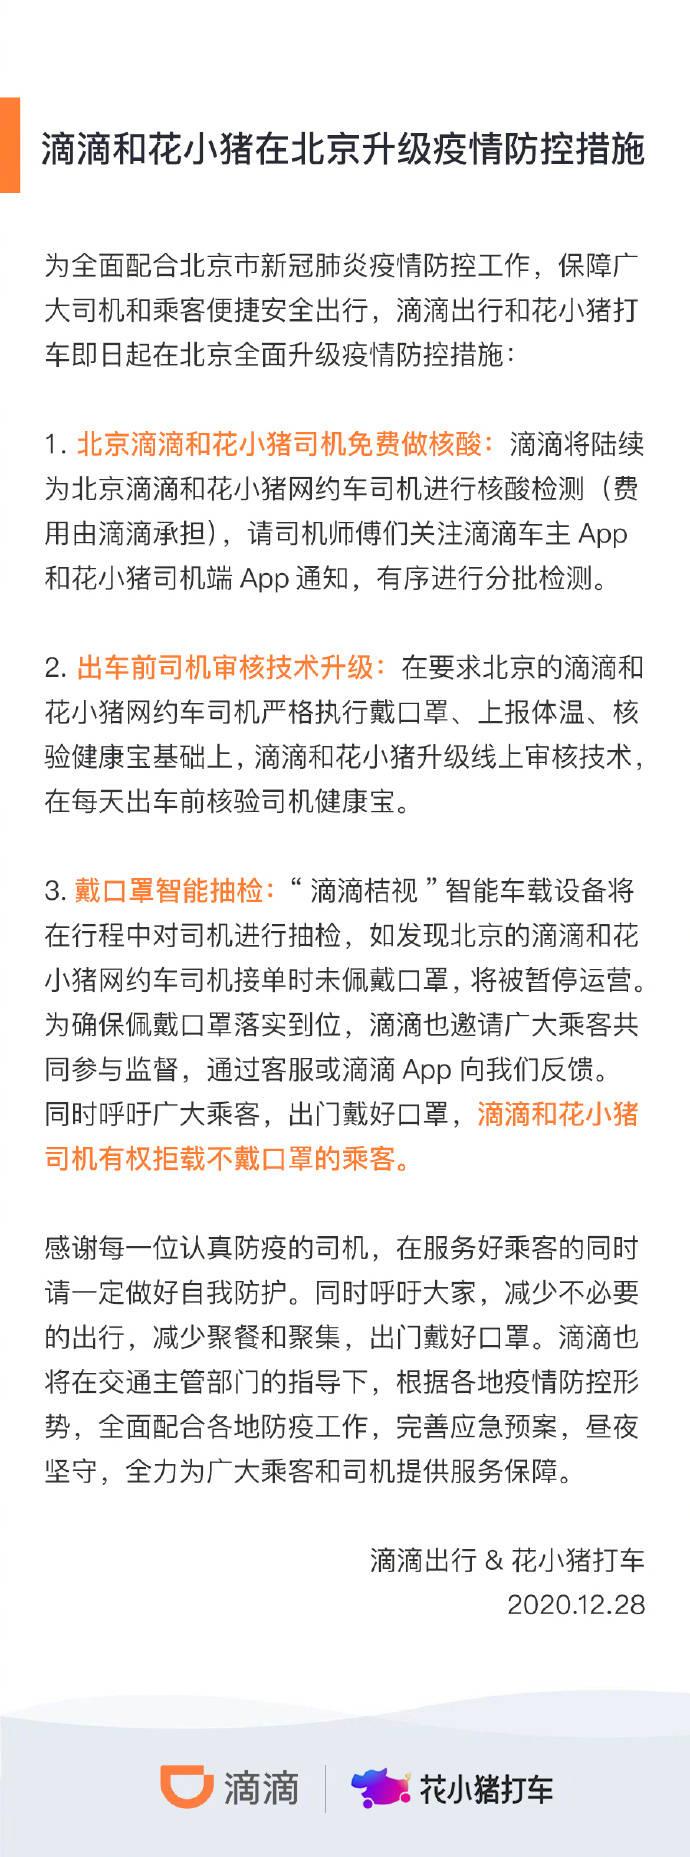 滴滴和花小猪在北京升级防疫措施:有权拒载不戴口罩乘客